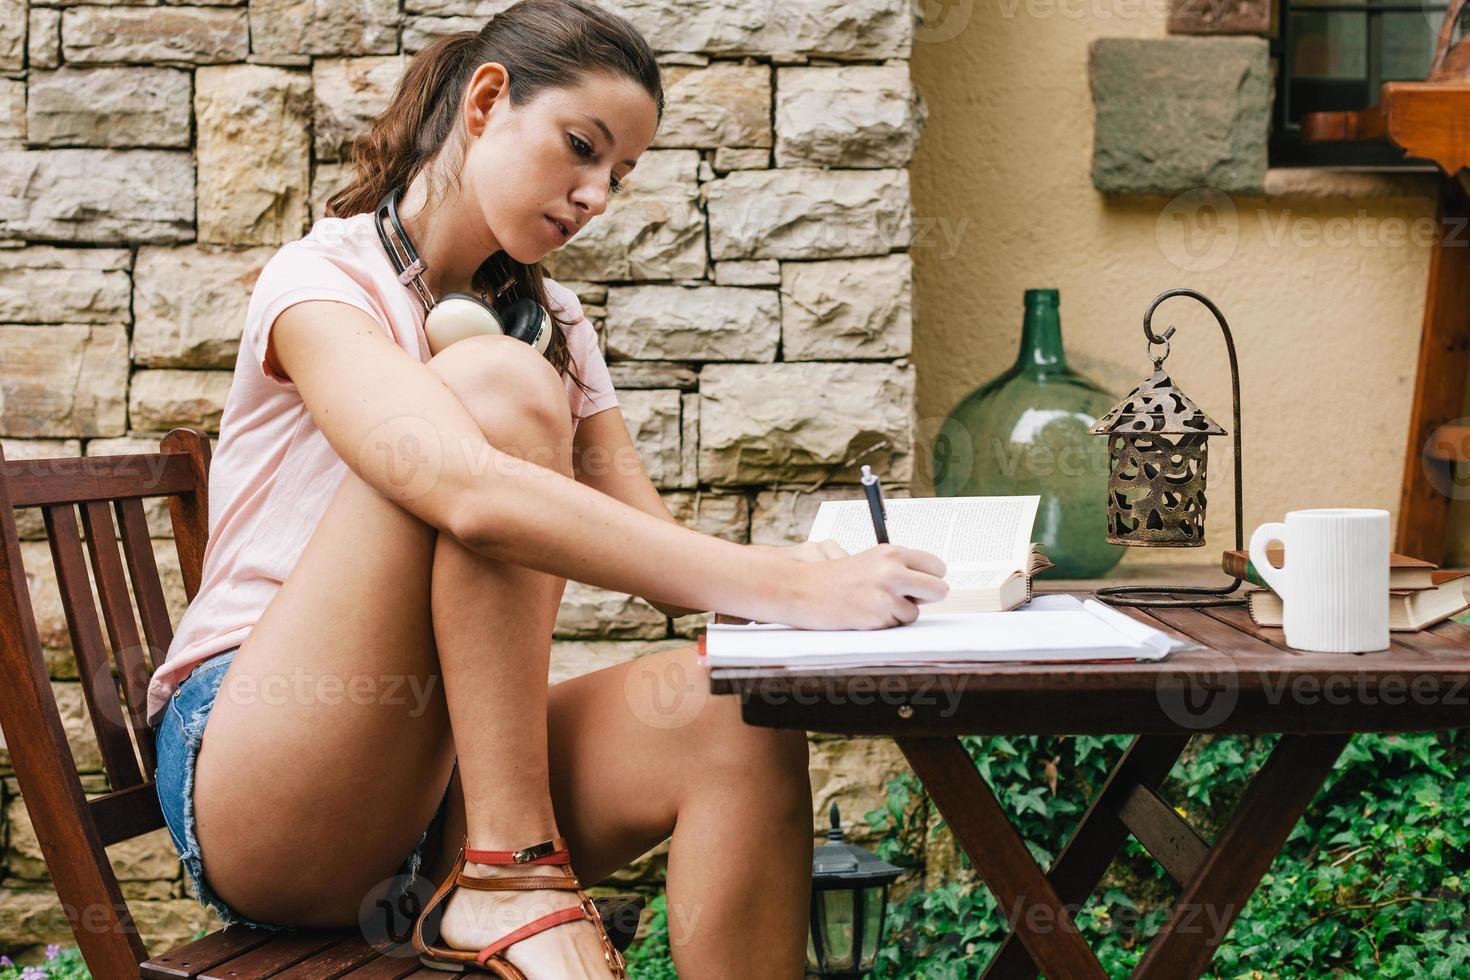 jovem fêmea bonita sentado lá fora e estudando muito. foto